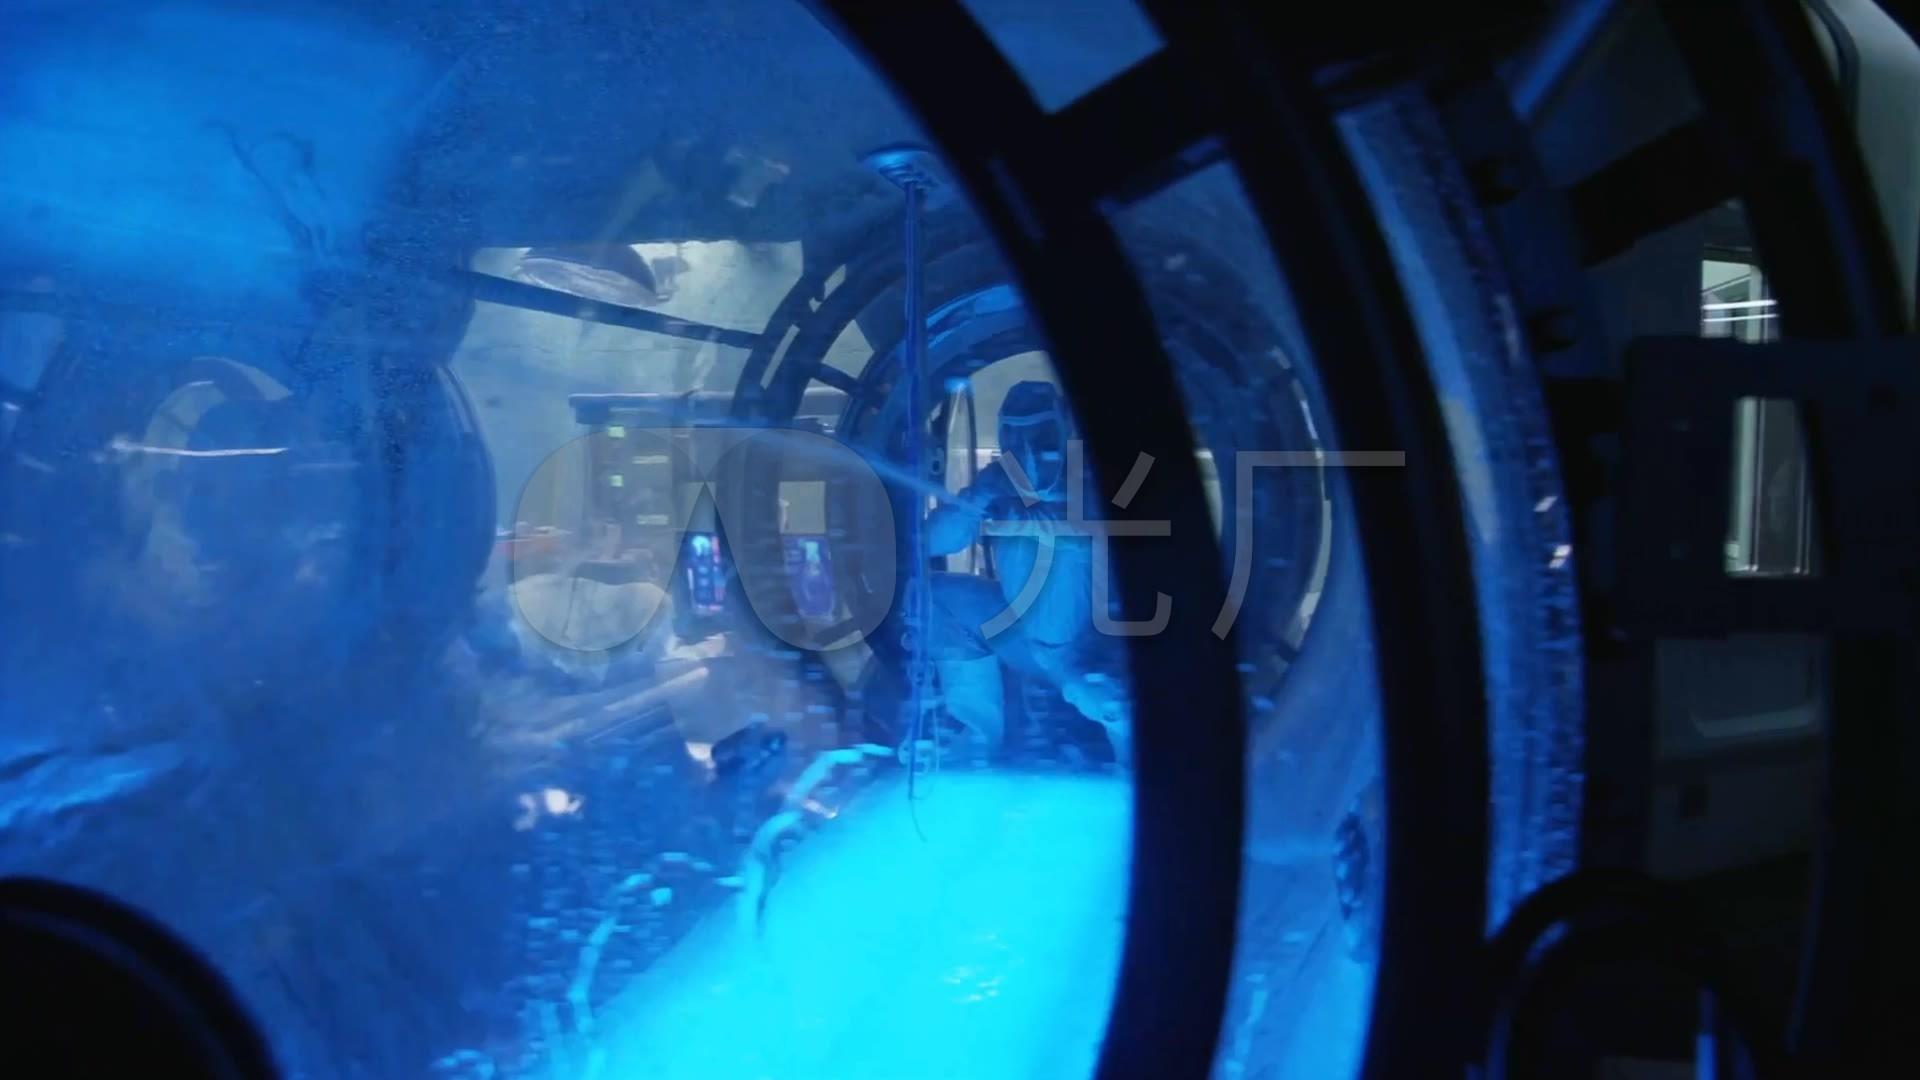 消防员清洗视频玻璃水管图纸_1920X1080_高cad罐子钢结构施工样板图片